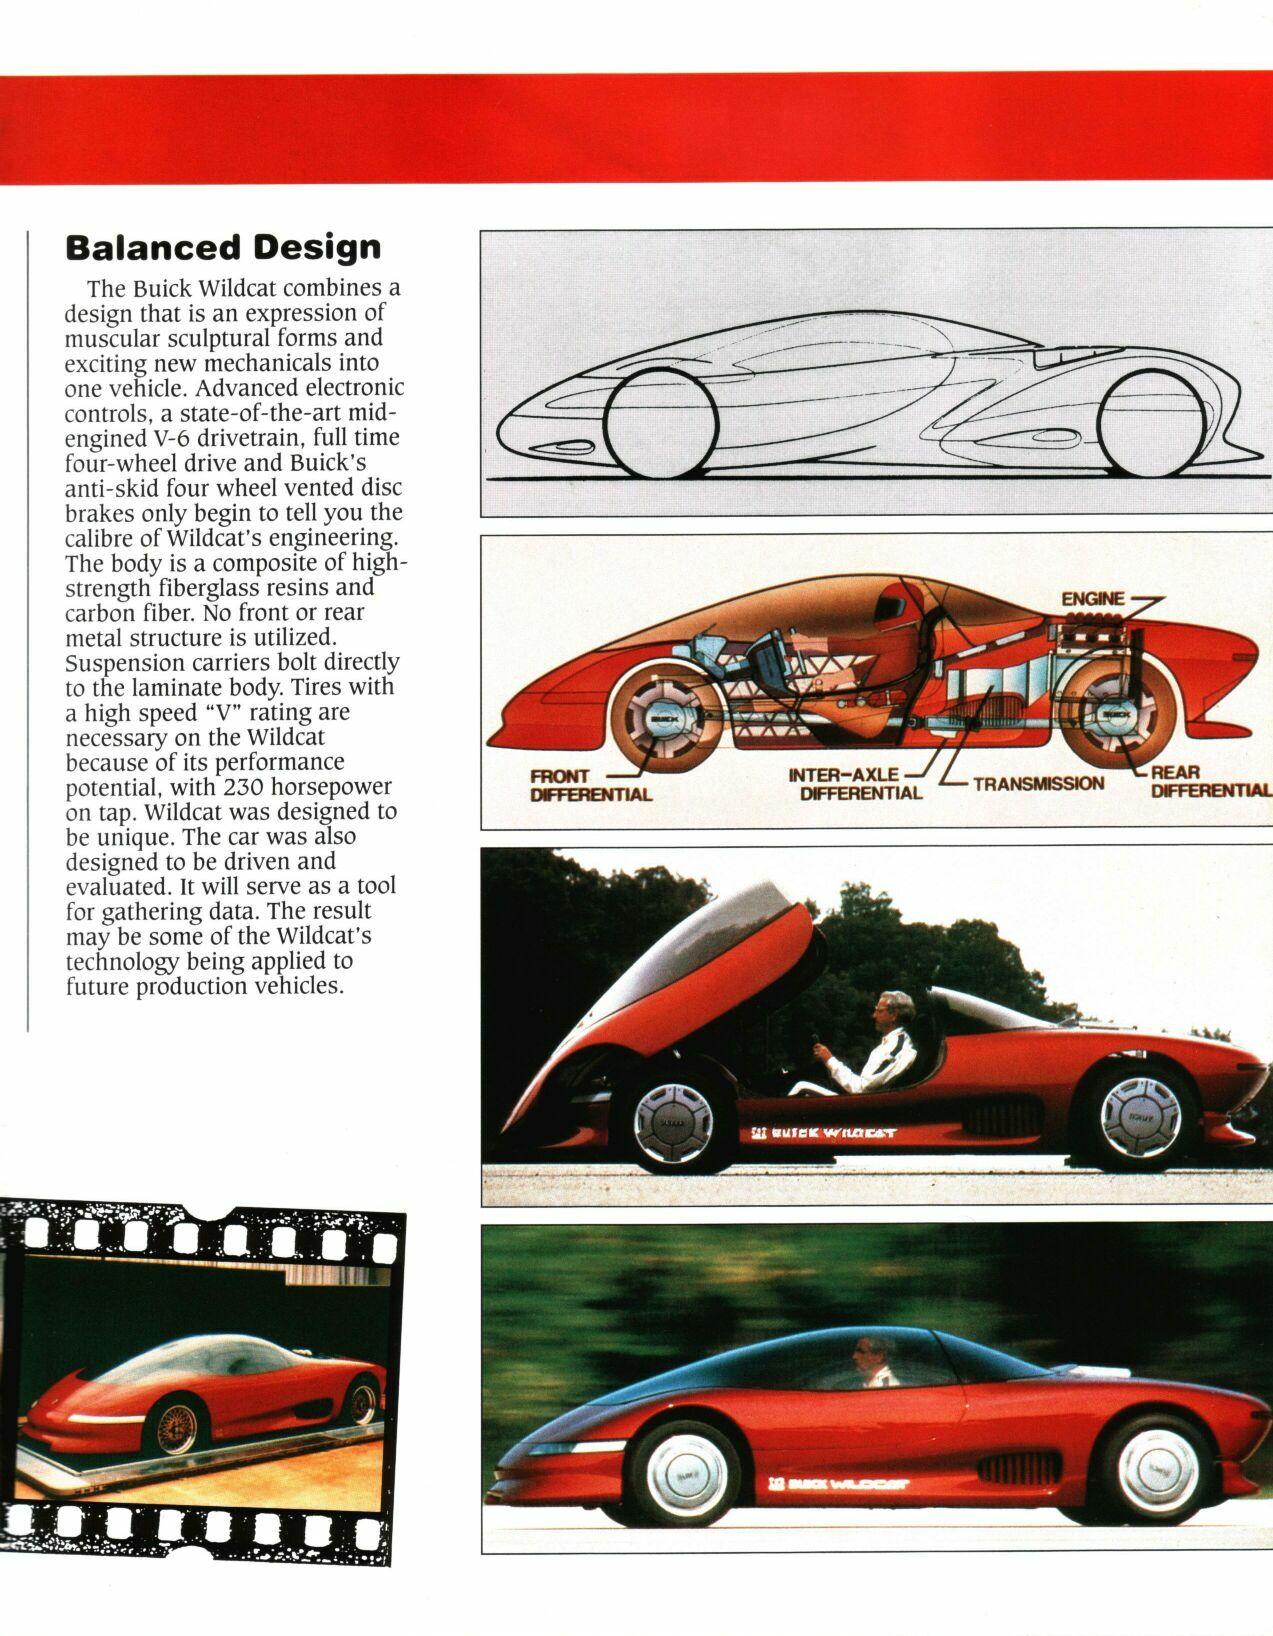 1987 Buick Wildcat Brochure